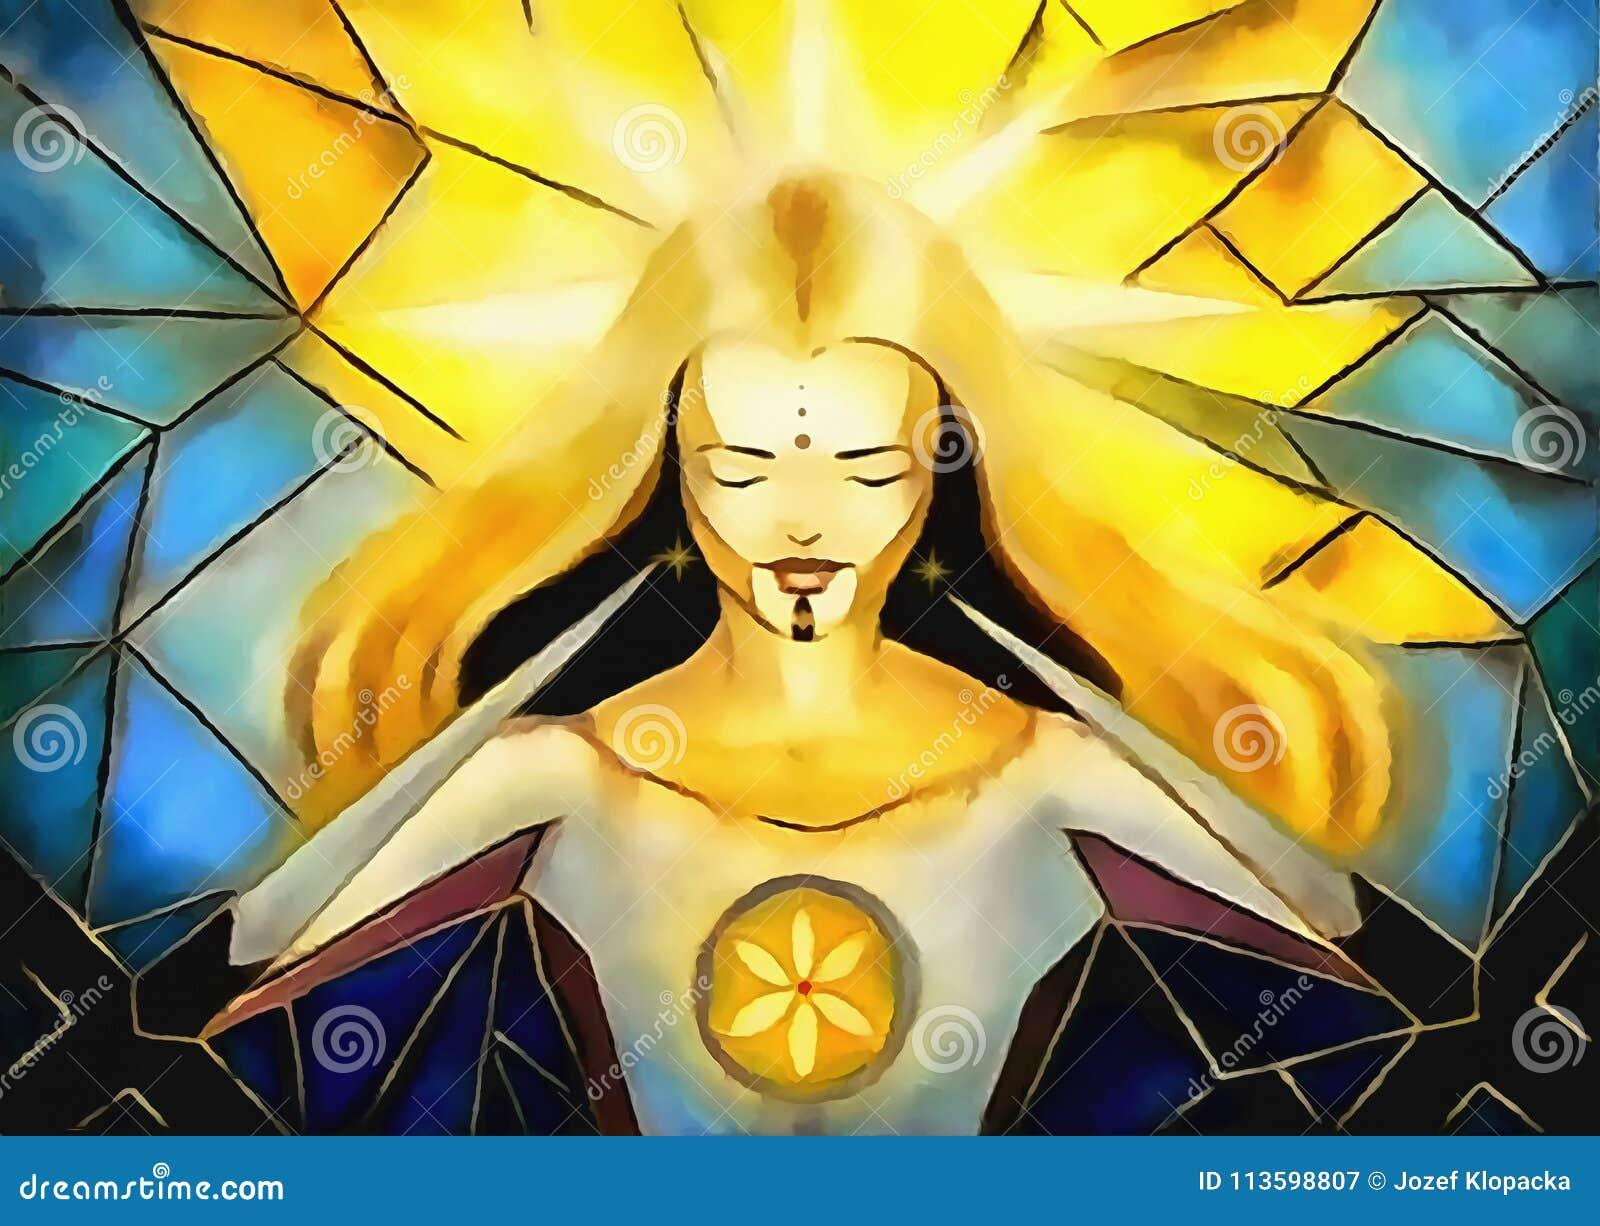 Belle déesse lumineuse de lumière et de vie se rachetant des dorns des croix, peinture de style de mosaïque